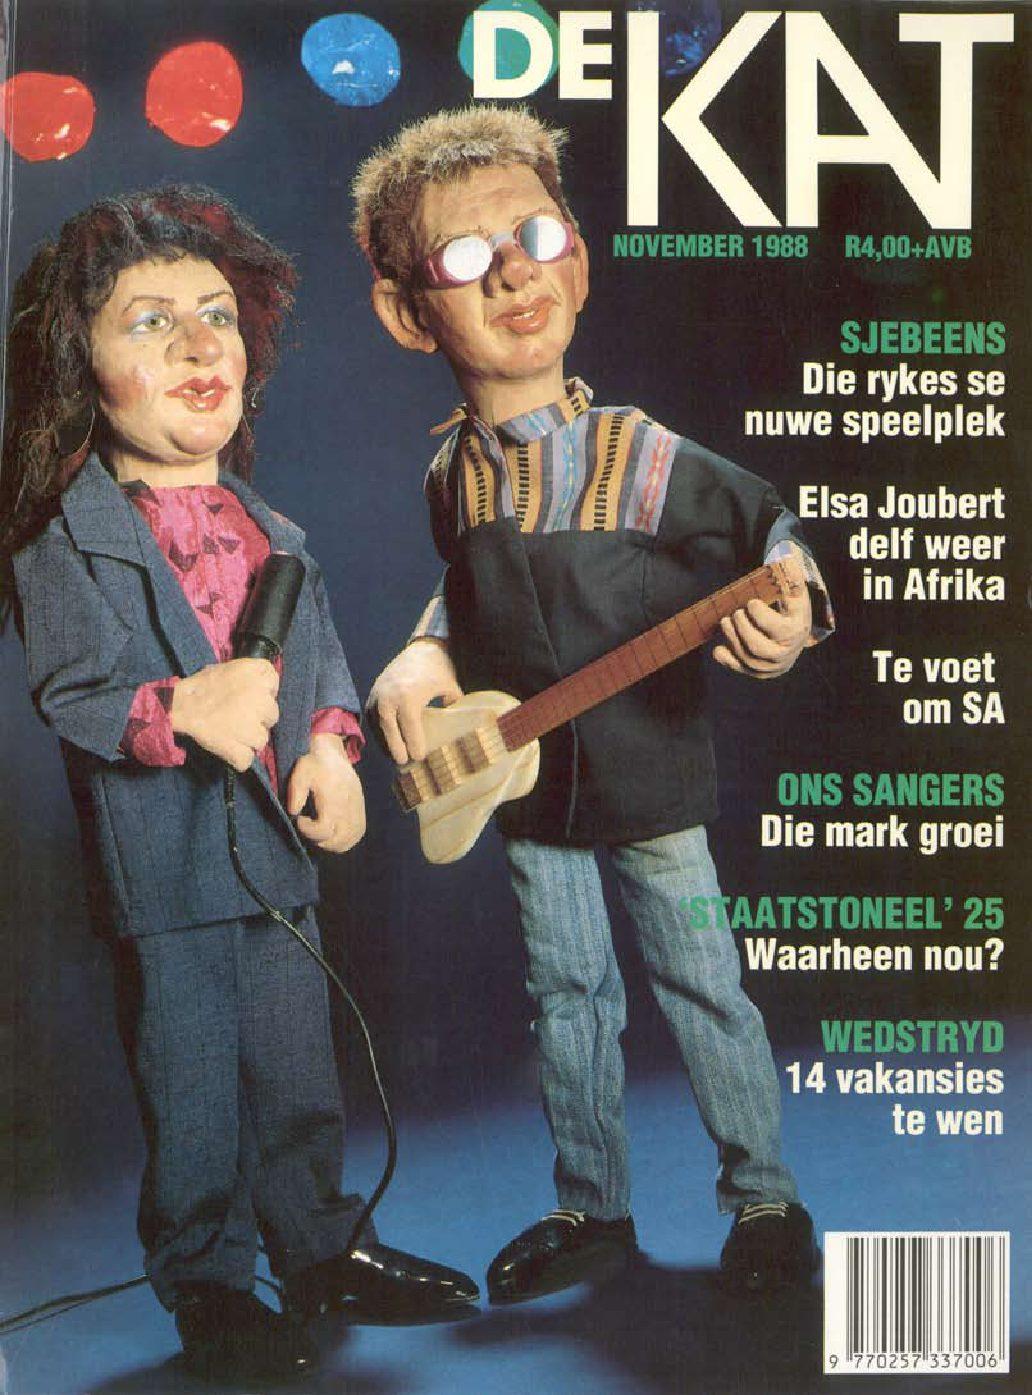 1988-dekat